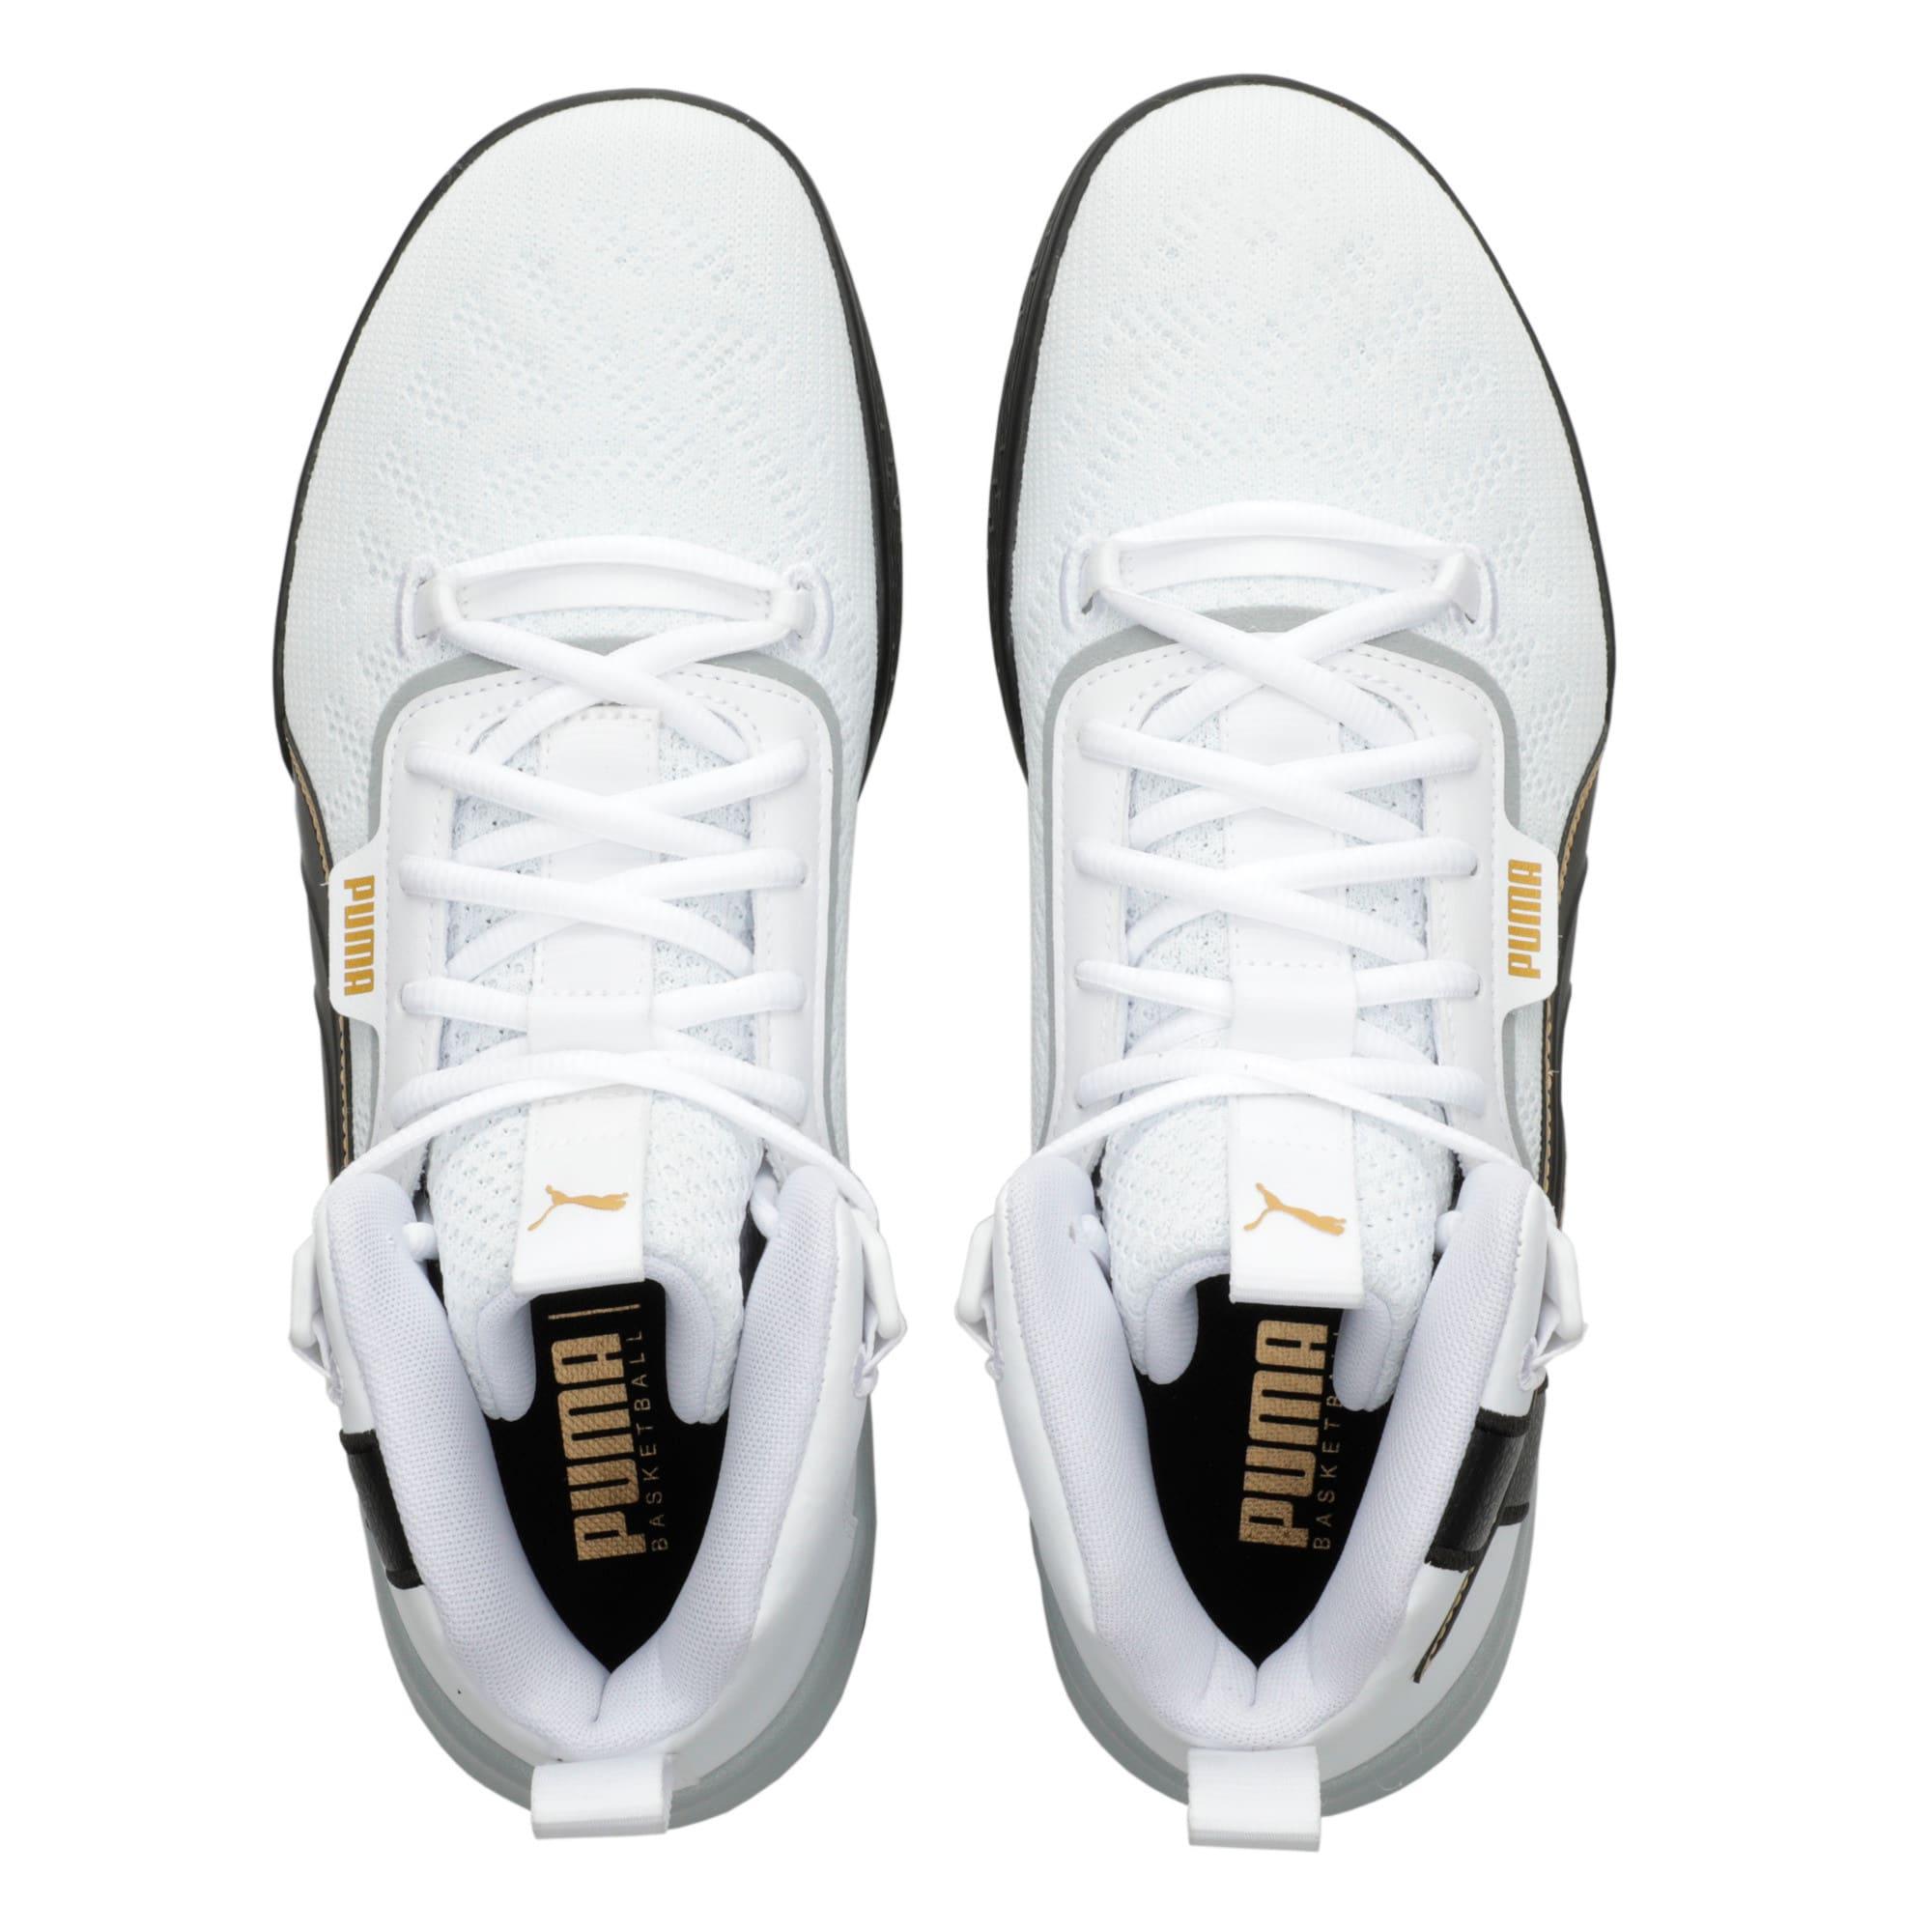 Thumbnail 6 of Legacy '68 Basketball Shoes, Puma Black-Puma White, medium